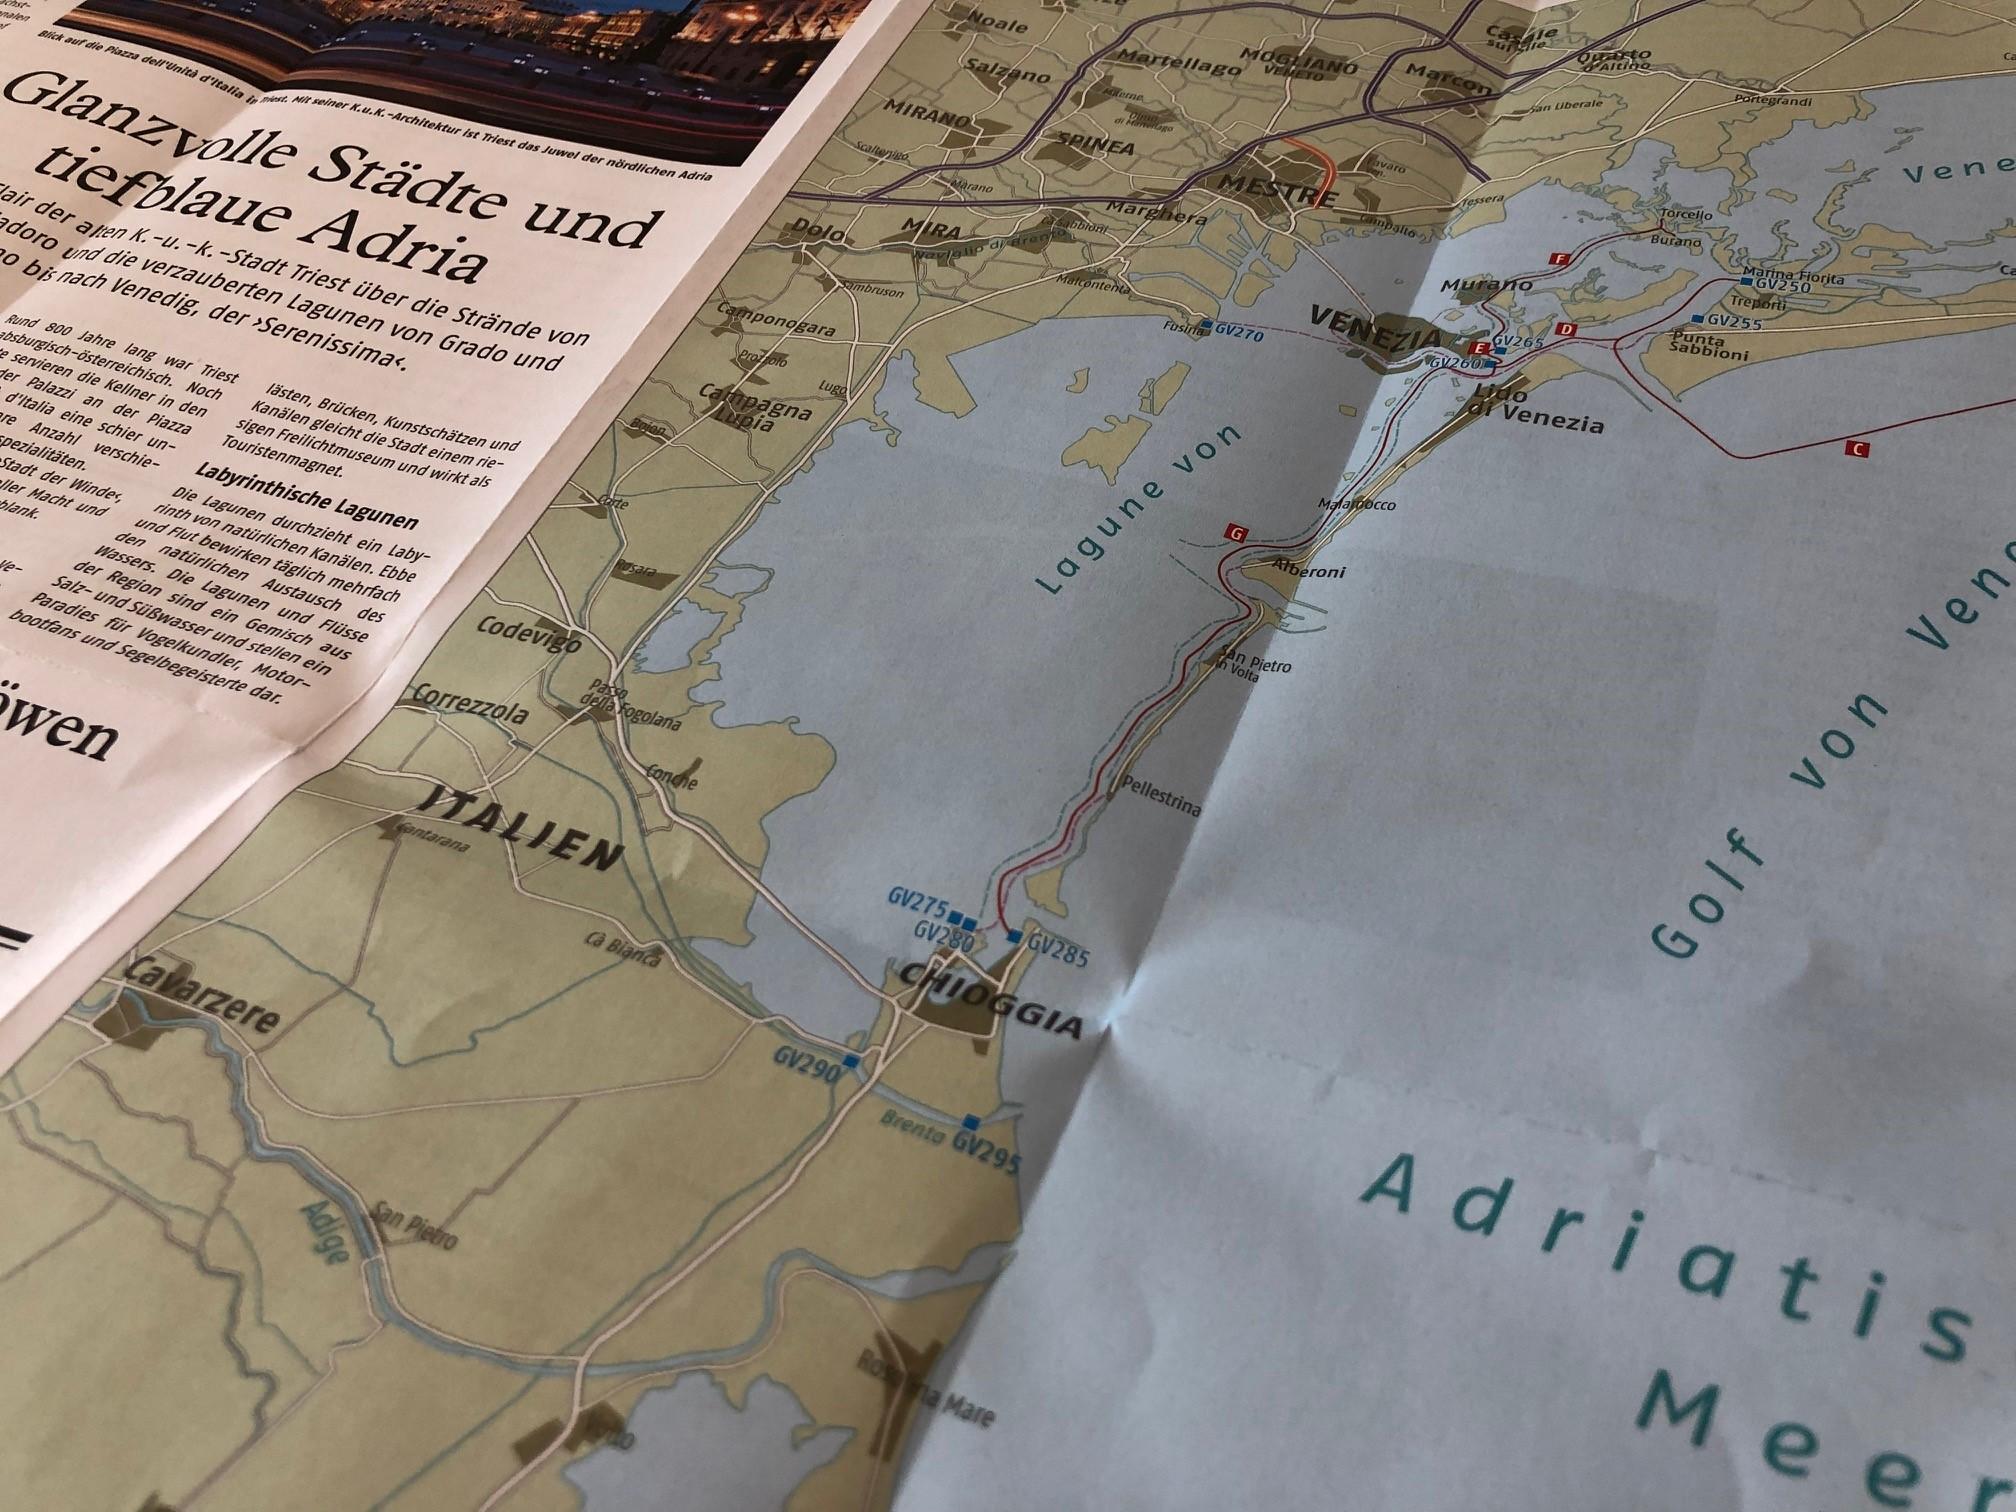 Karte mit Suchnummern BTI.